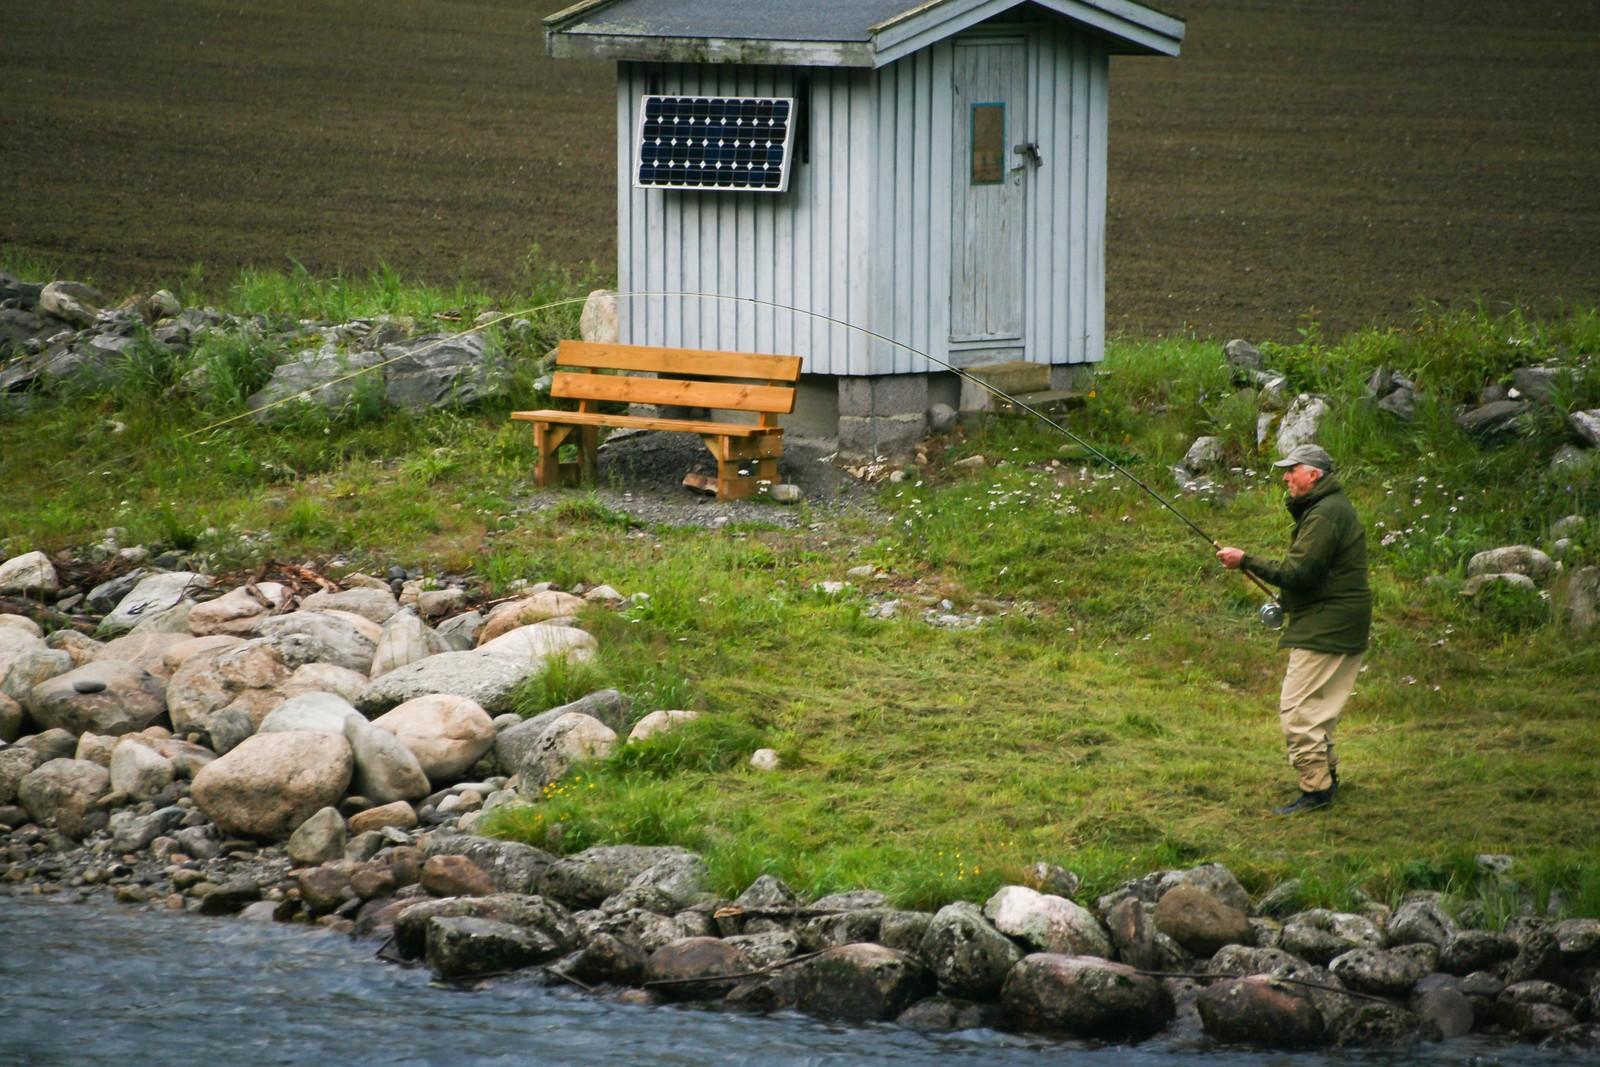 Klokka er kvart over ni måndag kveld og Kongen kjenner at han har fått fisk på kroken. Flugestanga går i boge.